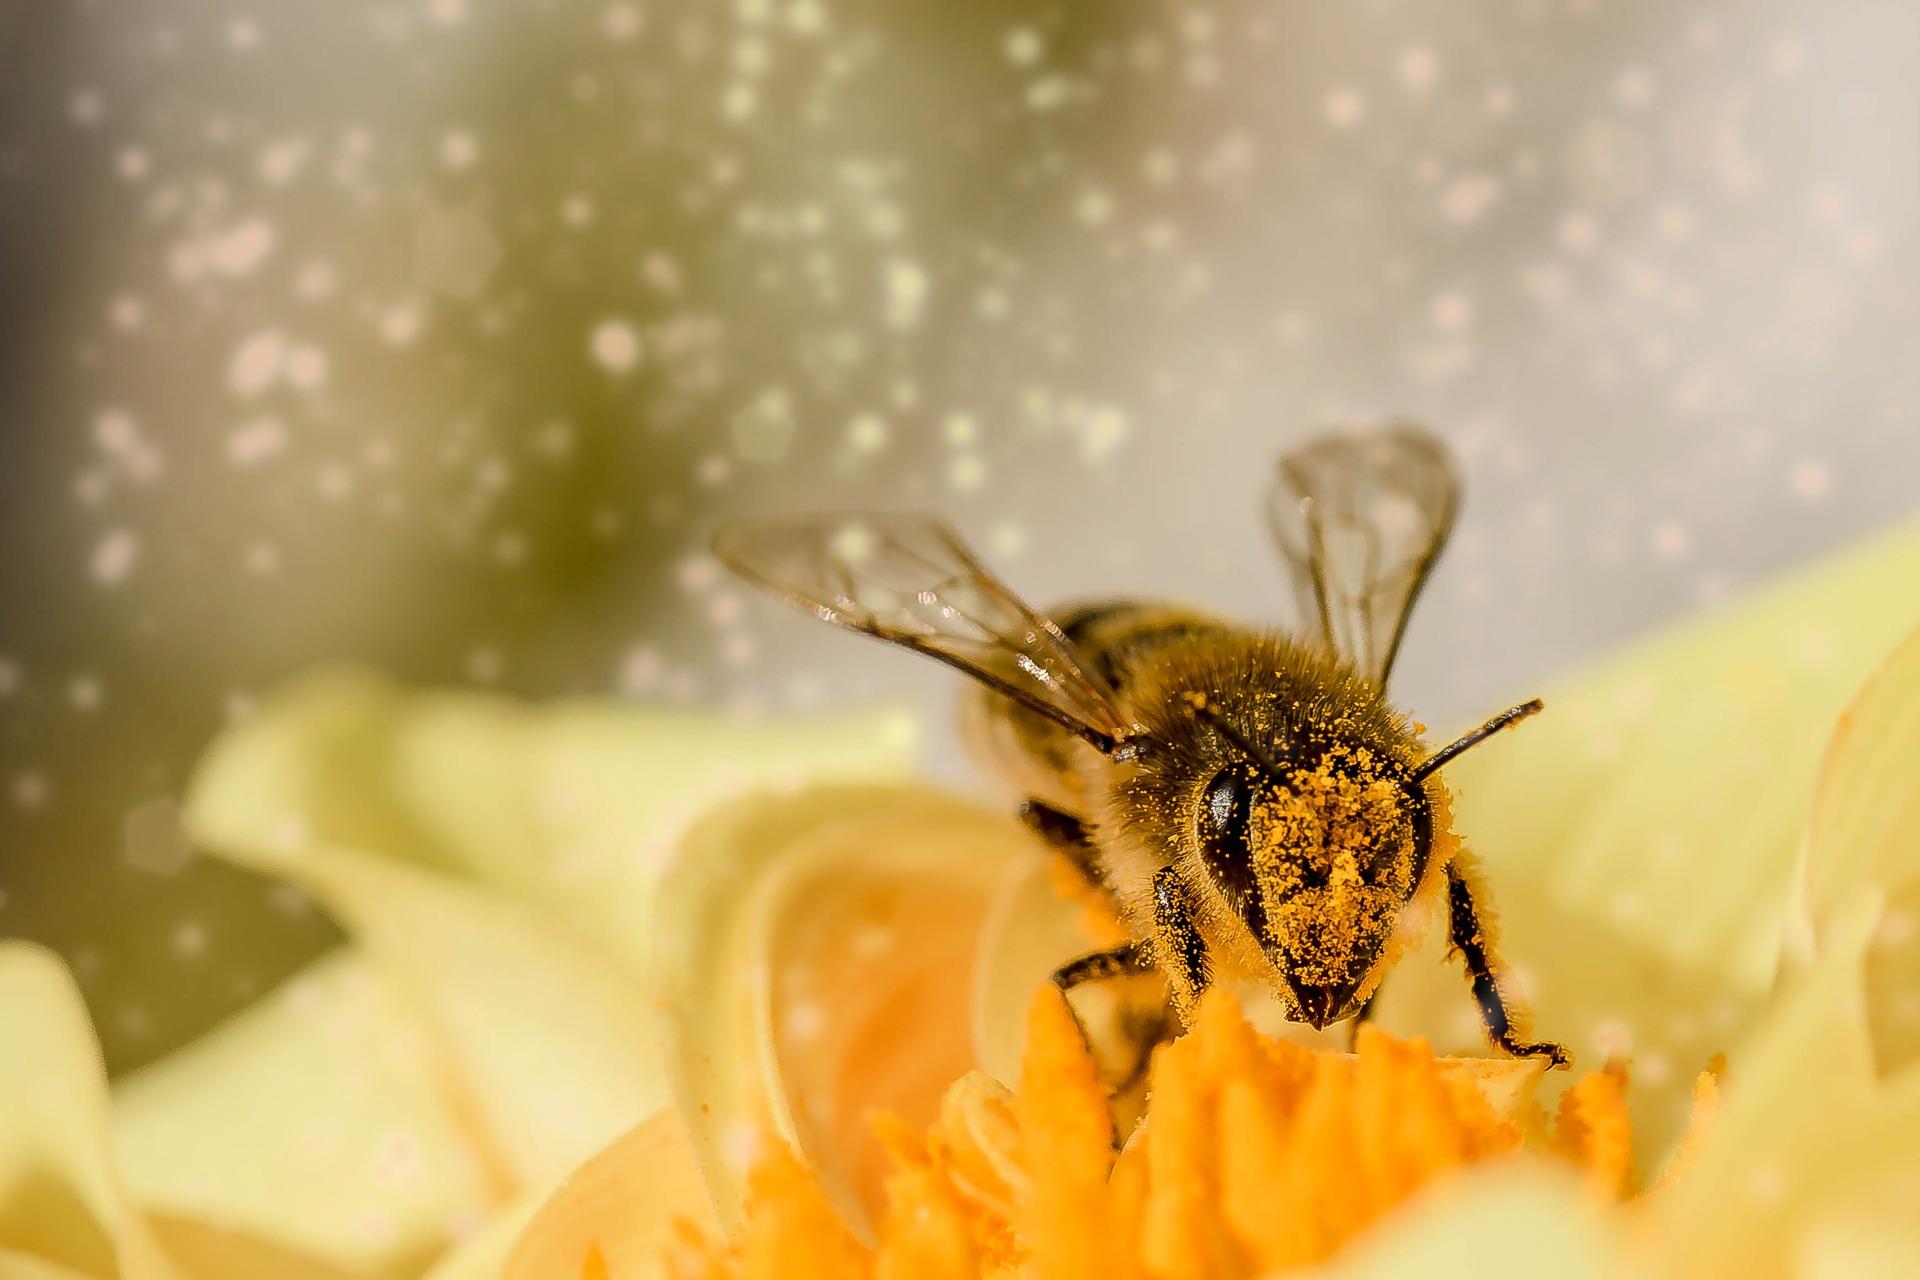 Cvetni prah kot glavna sestavina prehranskih dopolnil